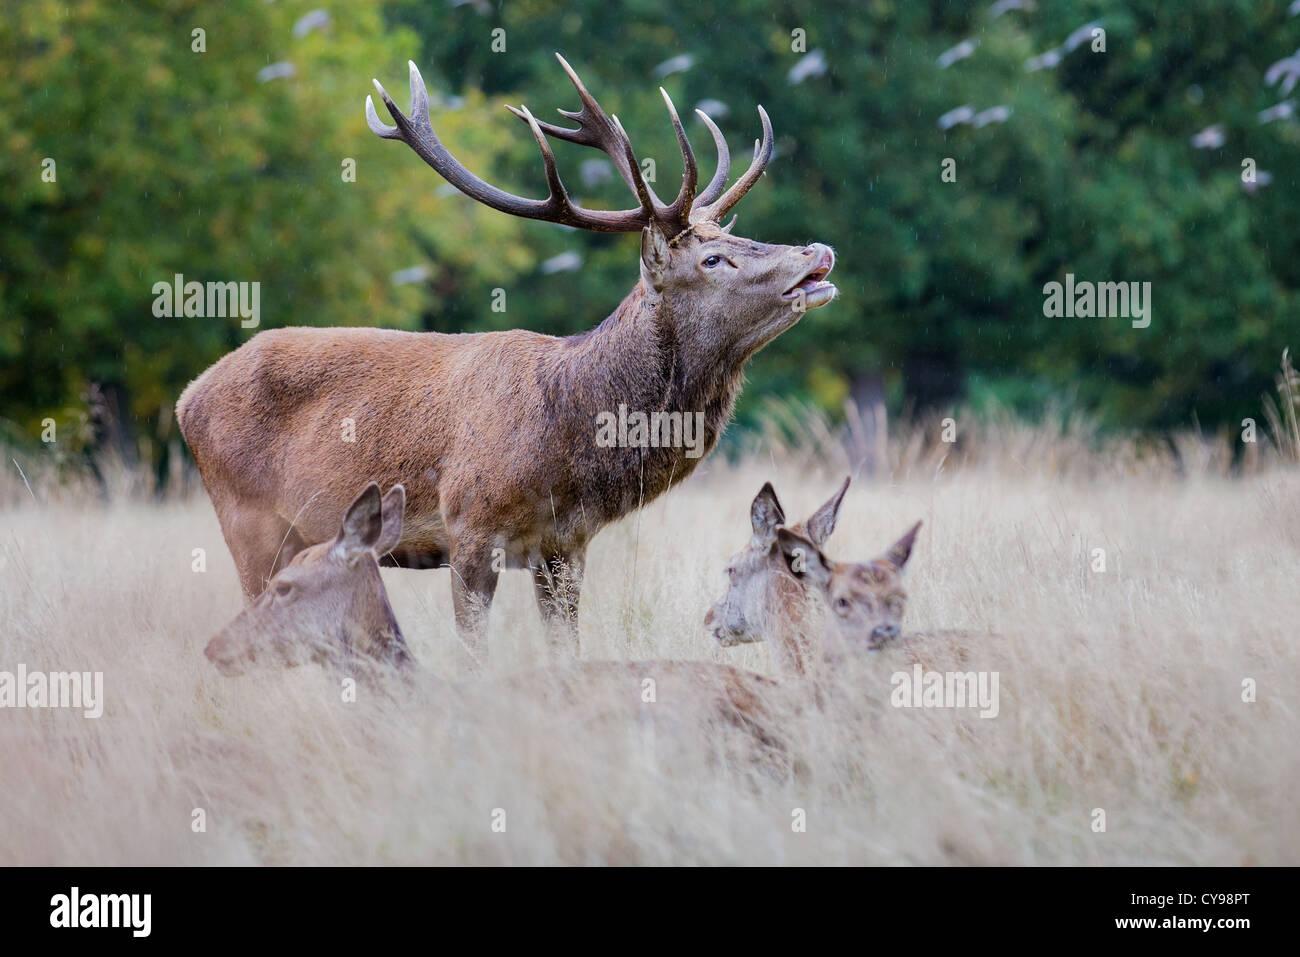 Red Deer cervo (Cervus elaphus) muggito sotto la pioggia durante la stagione di solchi, Richmond, Inghilterra Immagini Stock